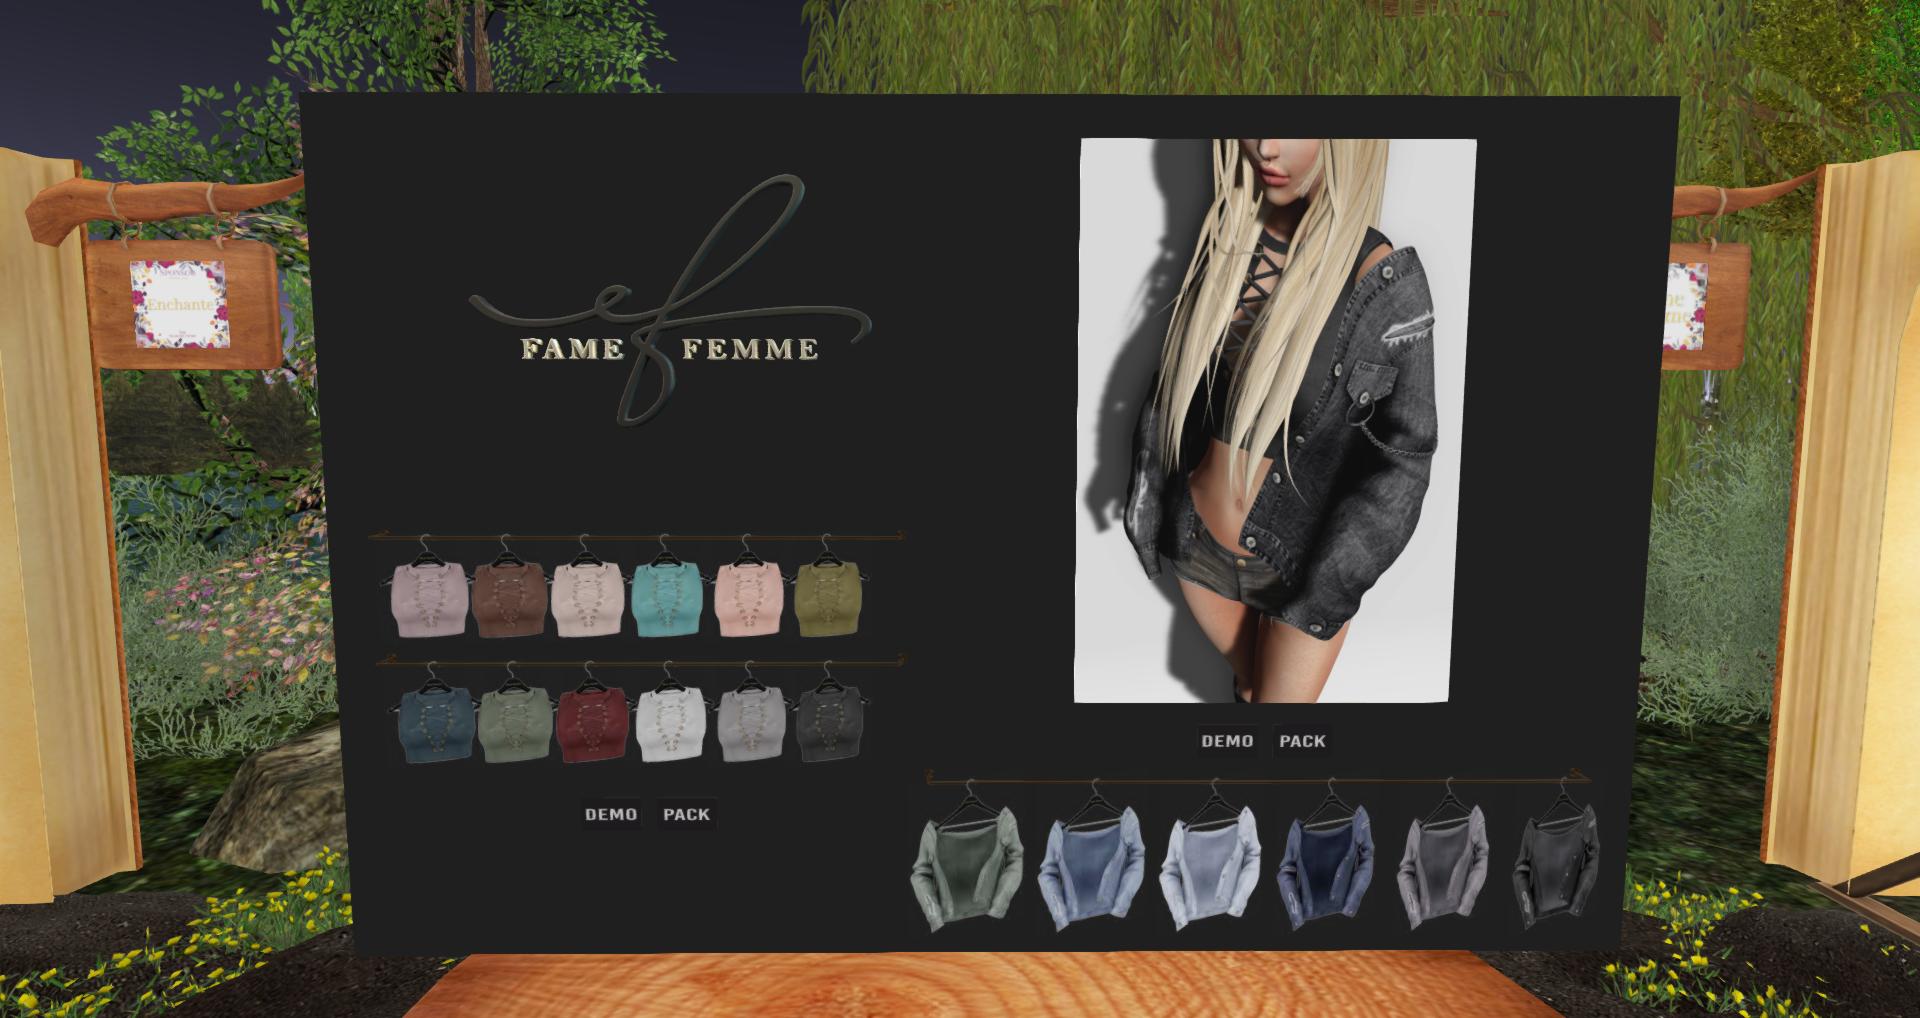 Fame Femme_001.png